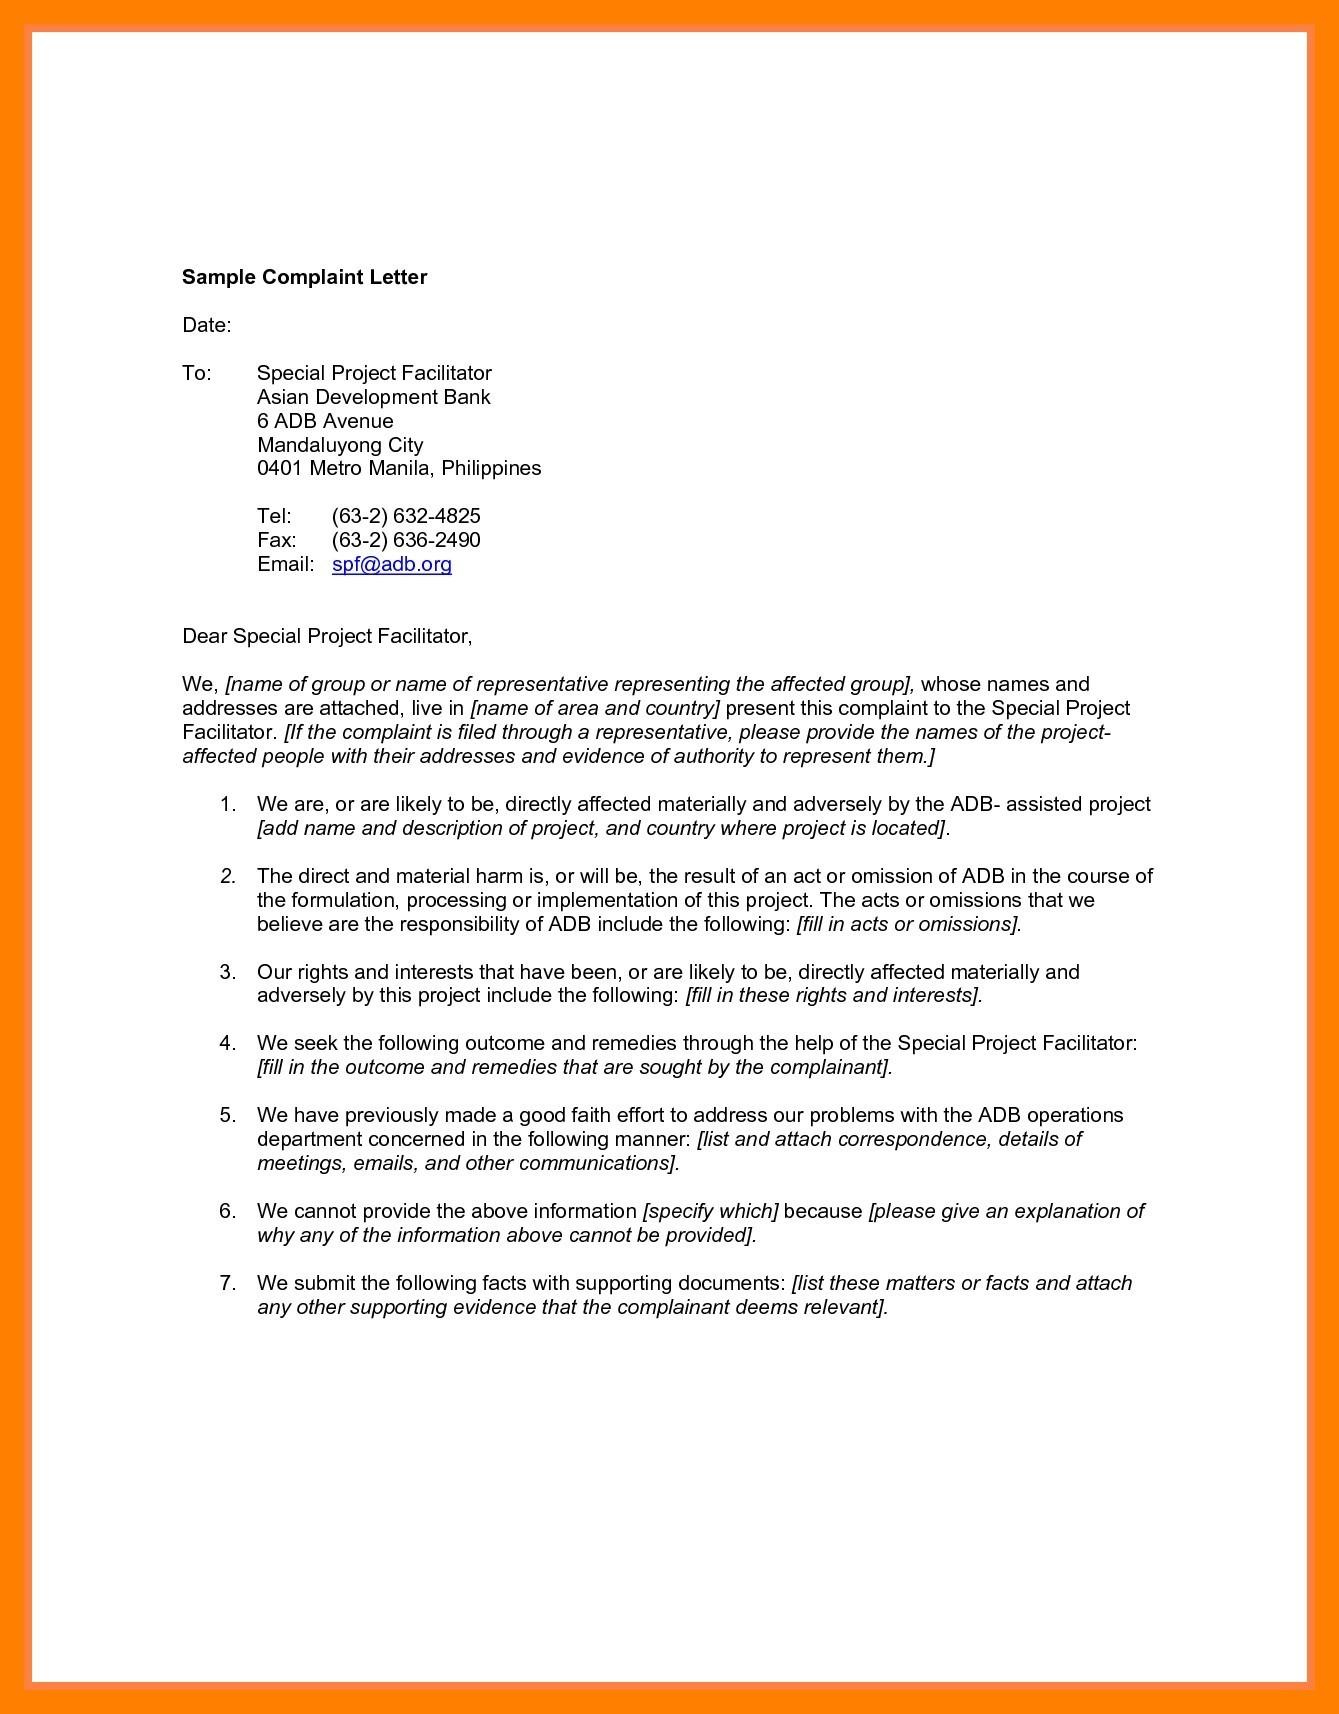 Complaint Letter for Bank for ATM Problem